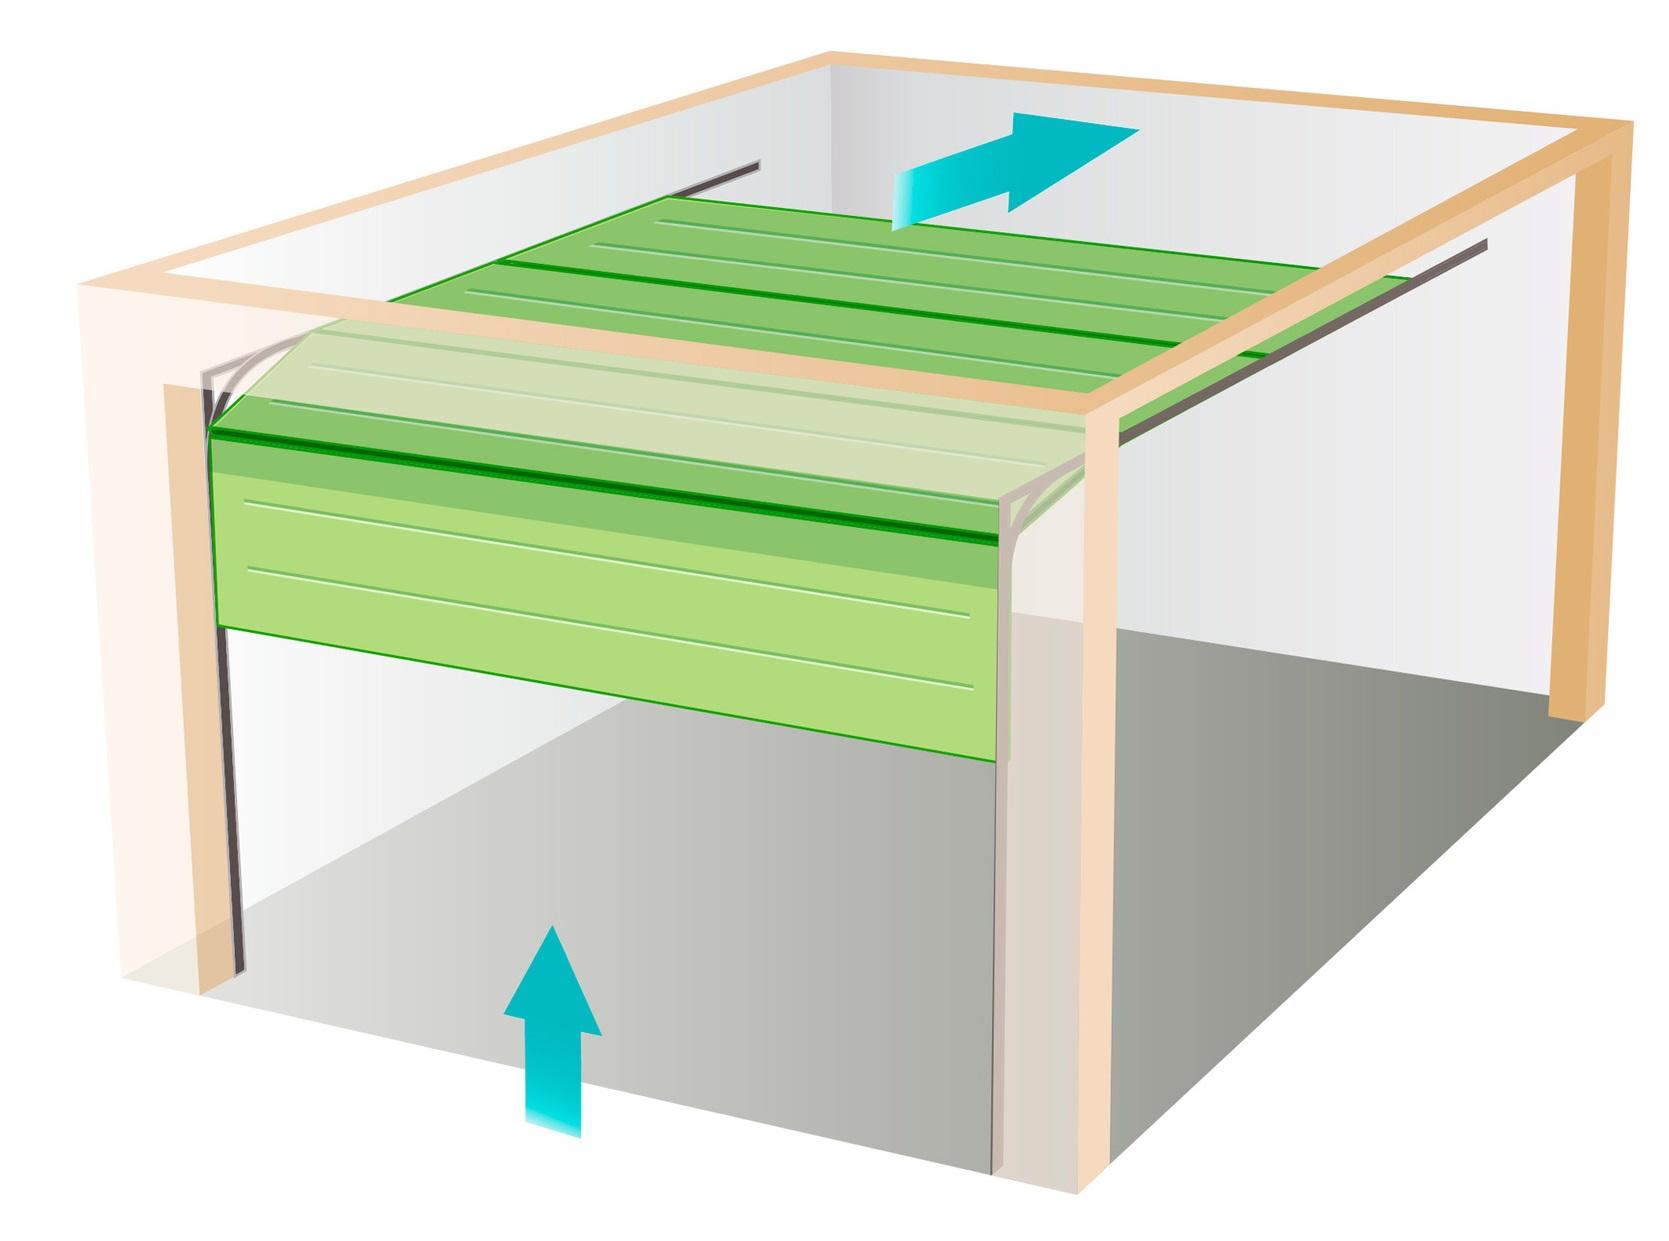 garagentore welche varianten sind emfehlenswert profilnet. Black Bedroom Furniture Sets. Home Design Ideas